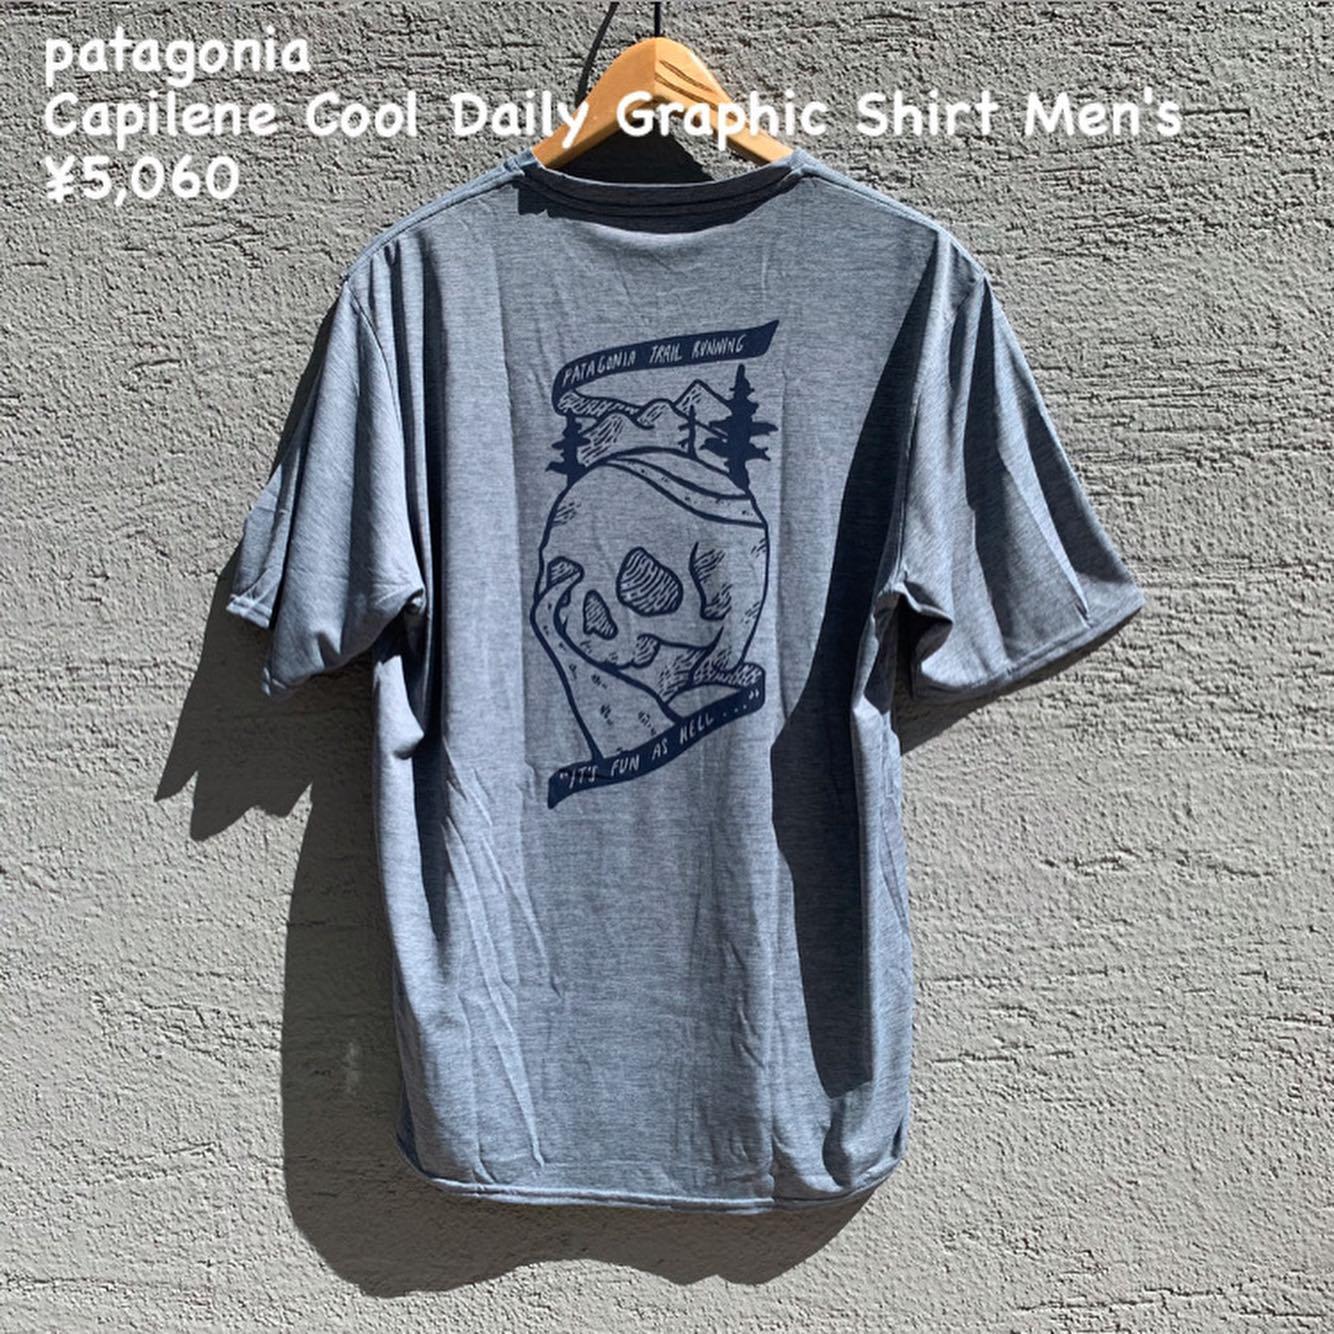 多用途に使える『patagonia キャプリーン クール デイリー グラフィック シャツ メンズ』のご紹介